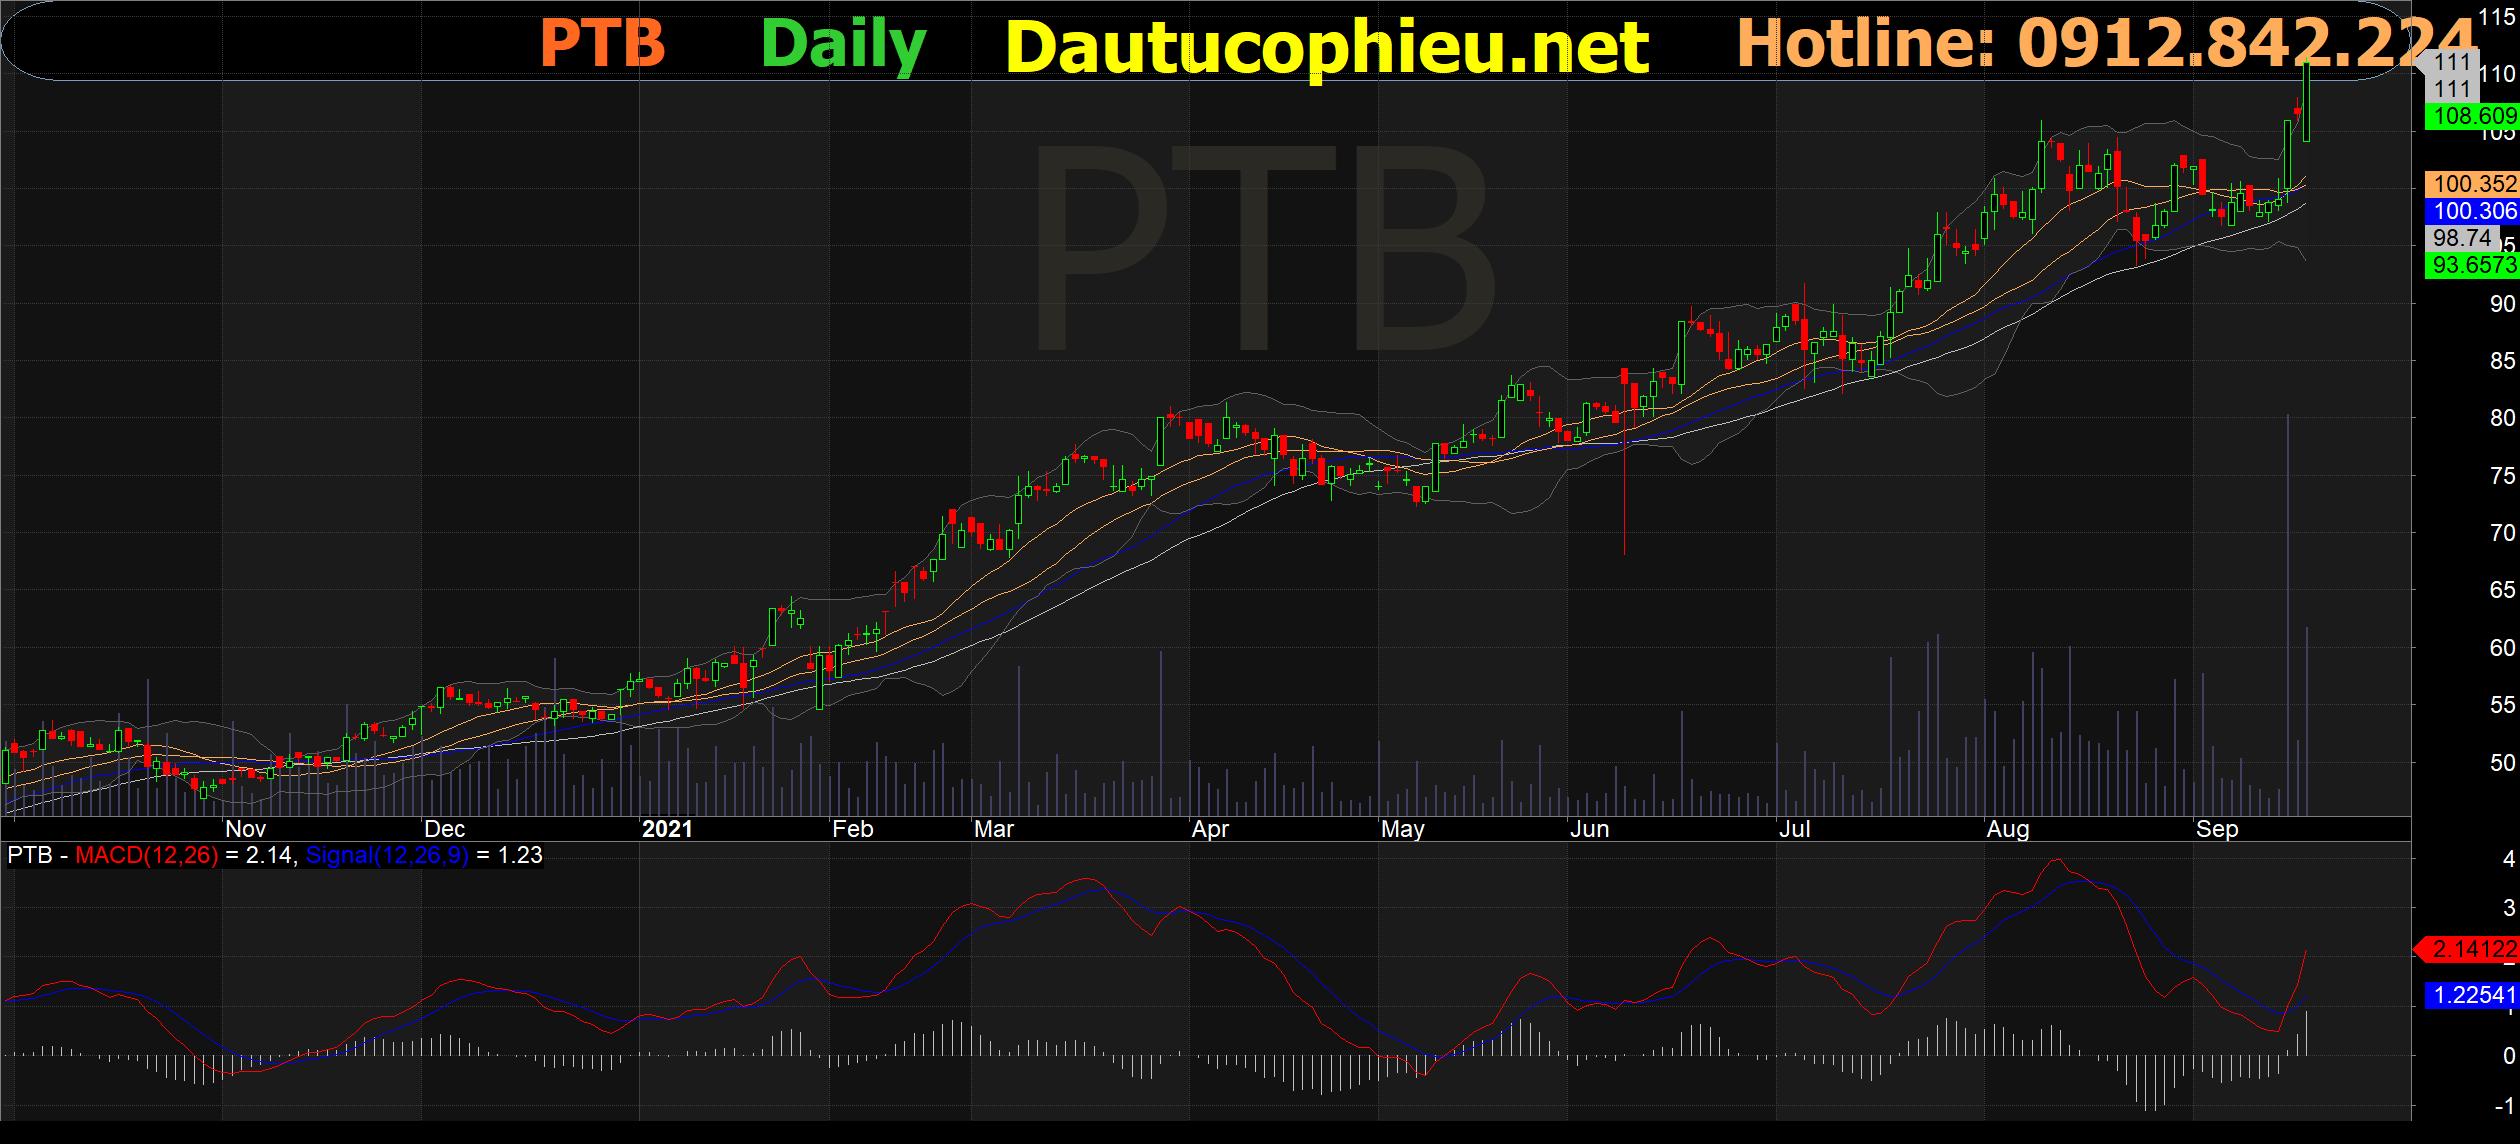 Đồ thị cổ phiếu PTB phiên giao dịch ngày 21/09/2021. Nguồn: AmiBroker